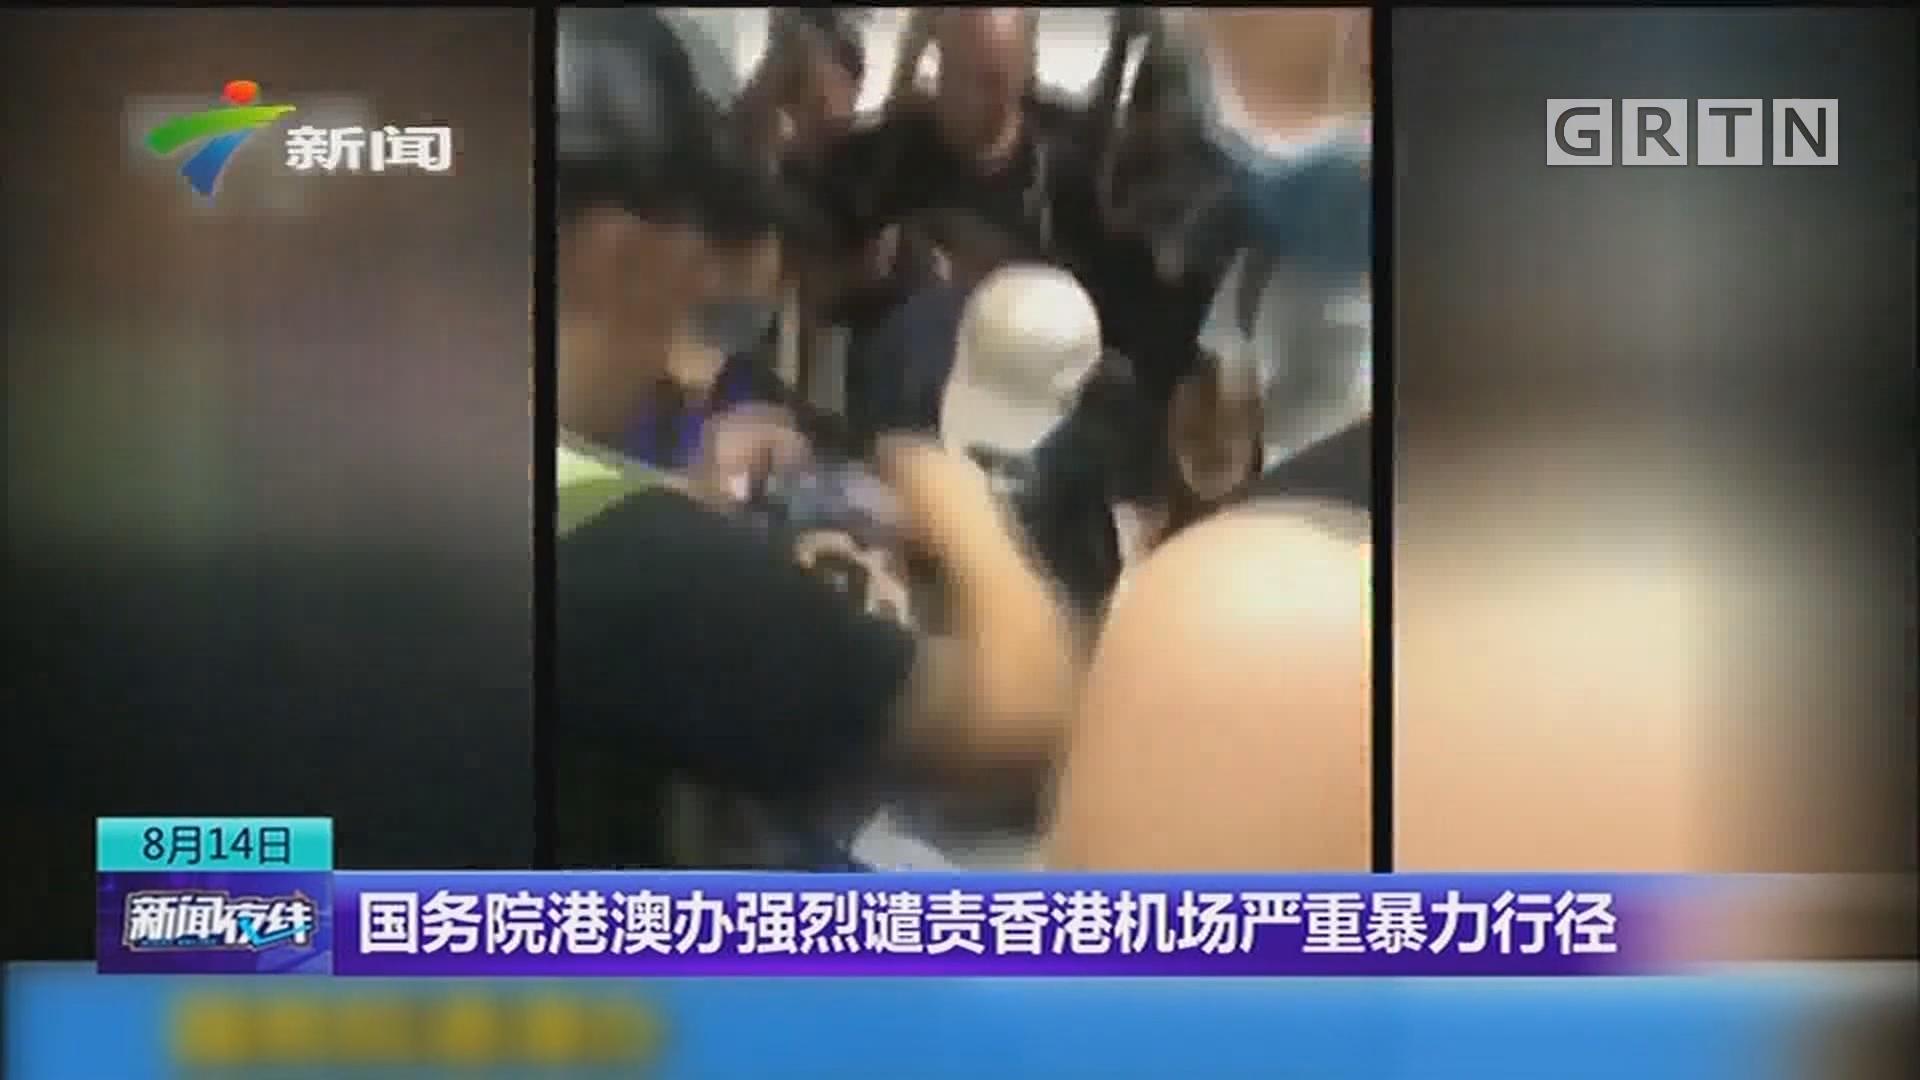 国务院港澳办强烈谴责香港机场严重暴力行径